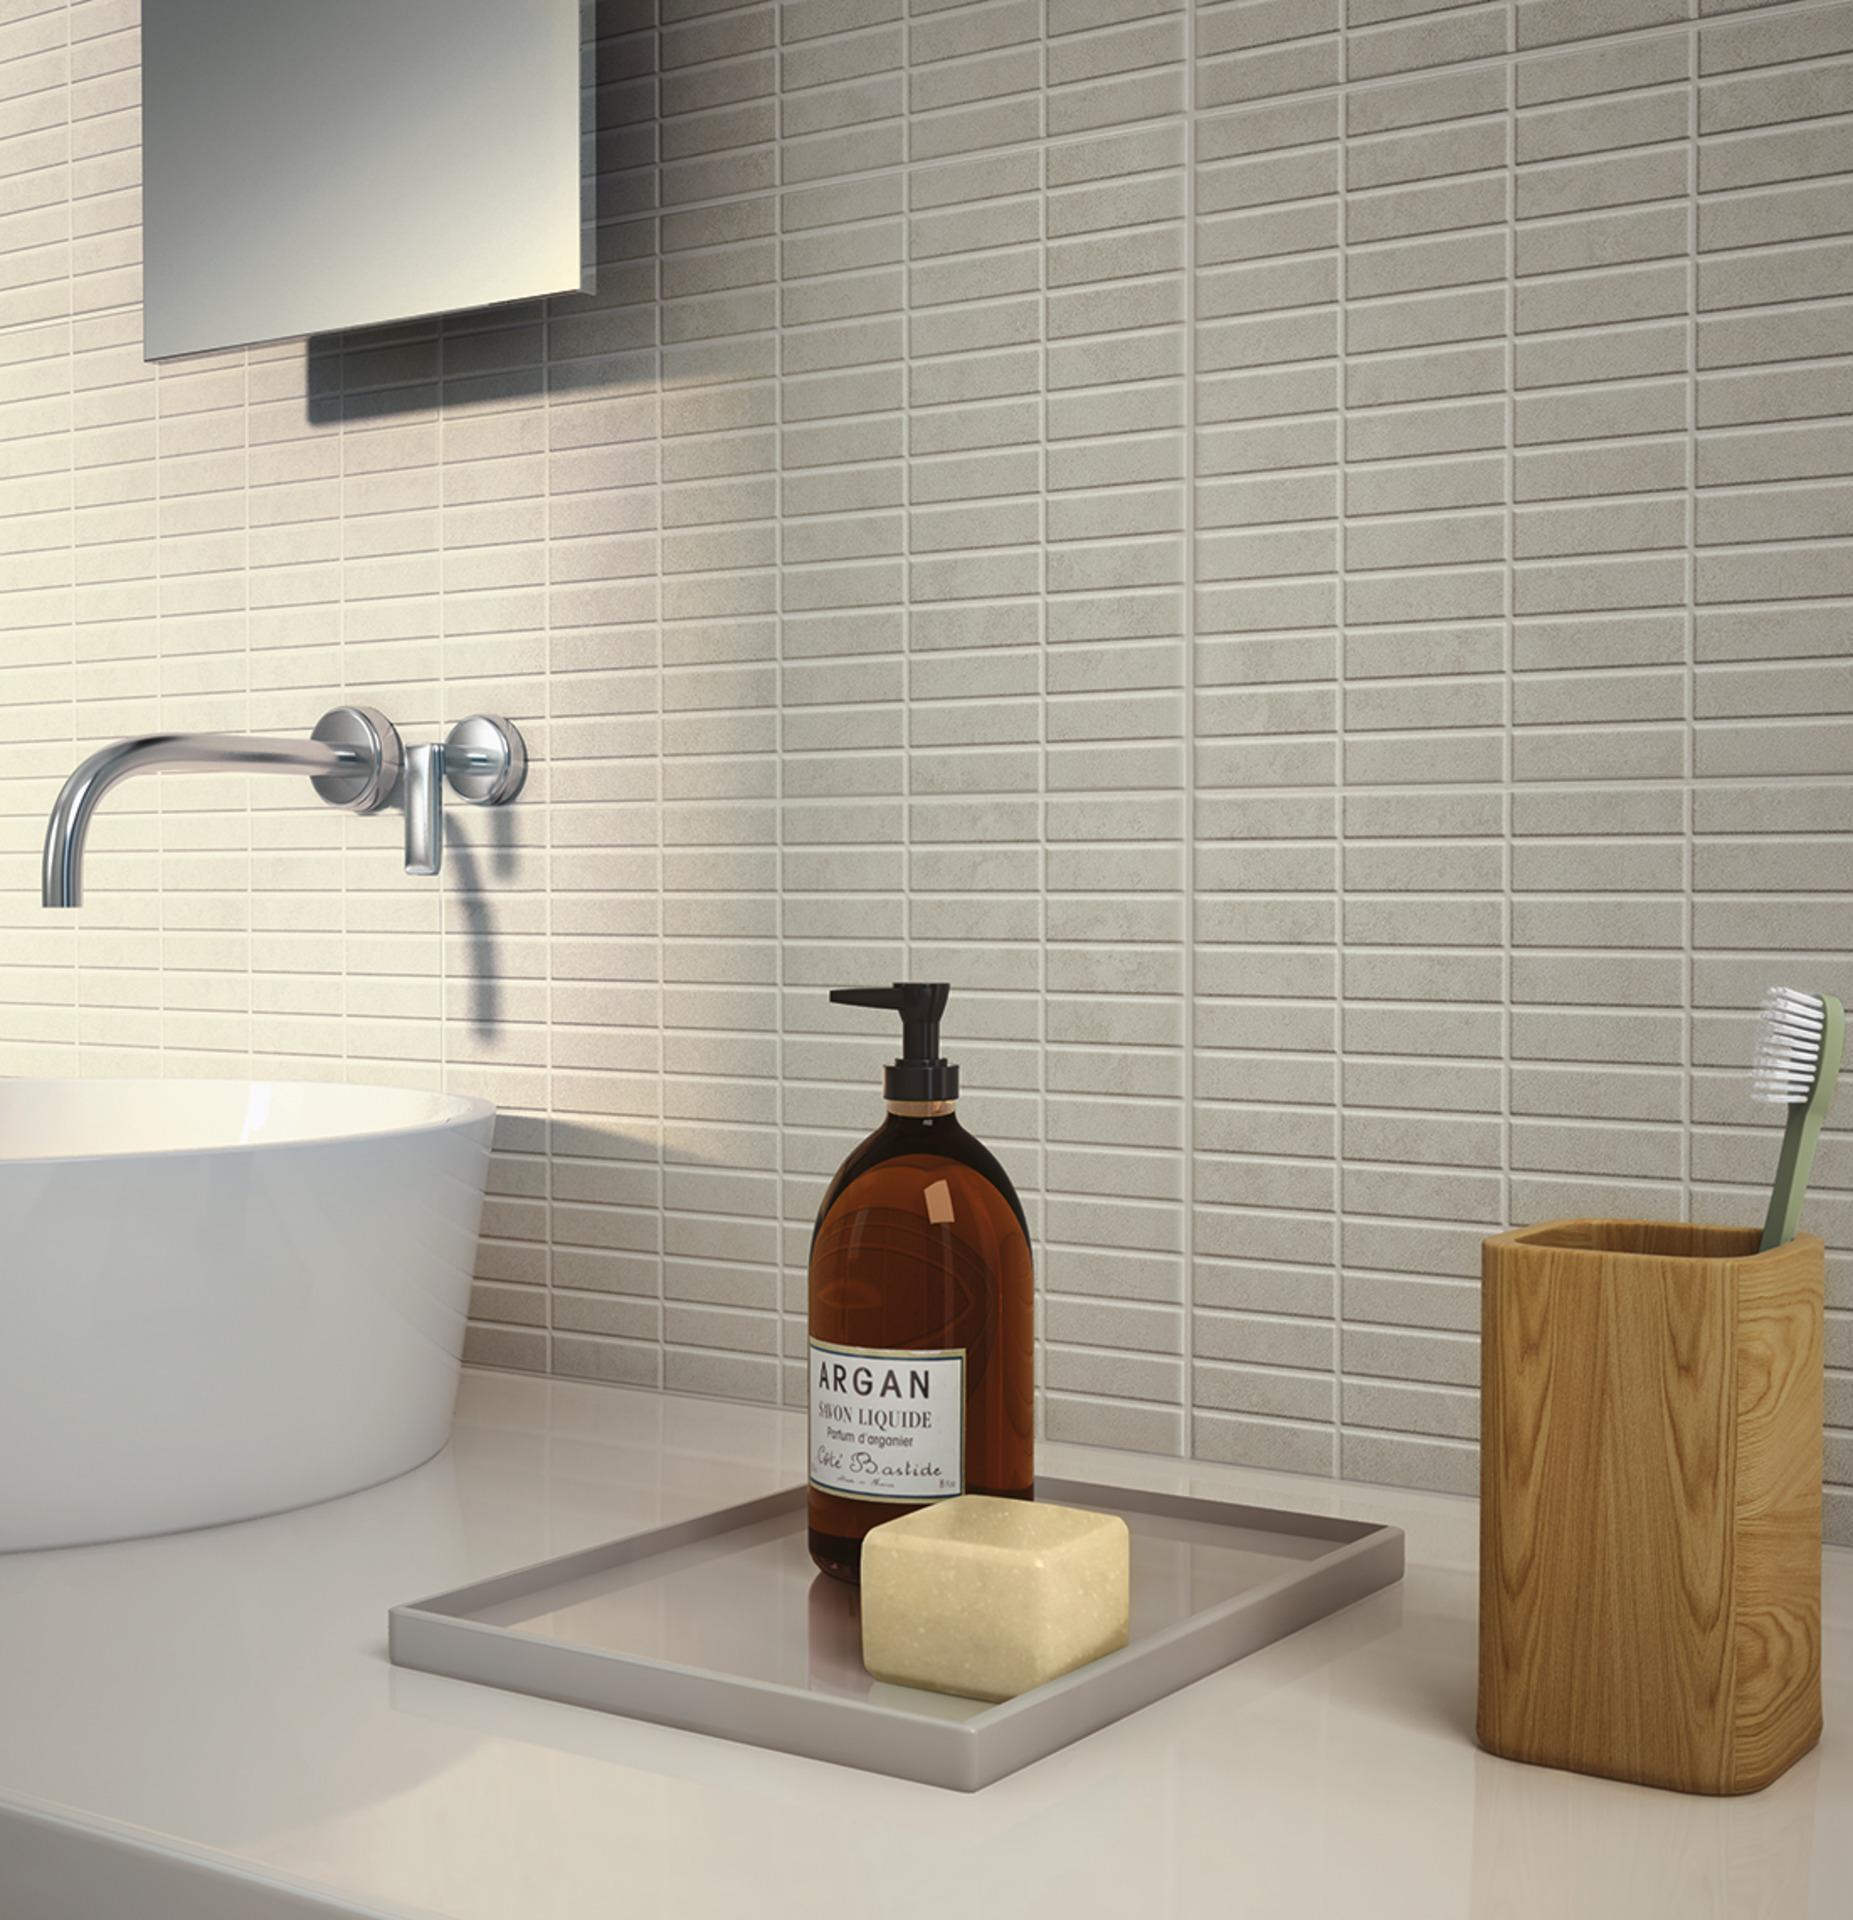 Casablanca Collection Kitchen And Bathroom Tiles Ragno - Carrelage e tiles